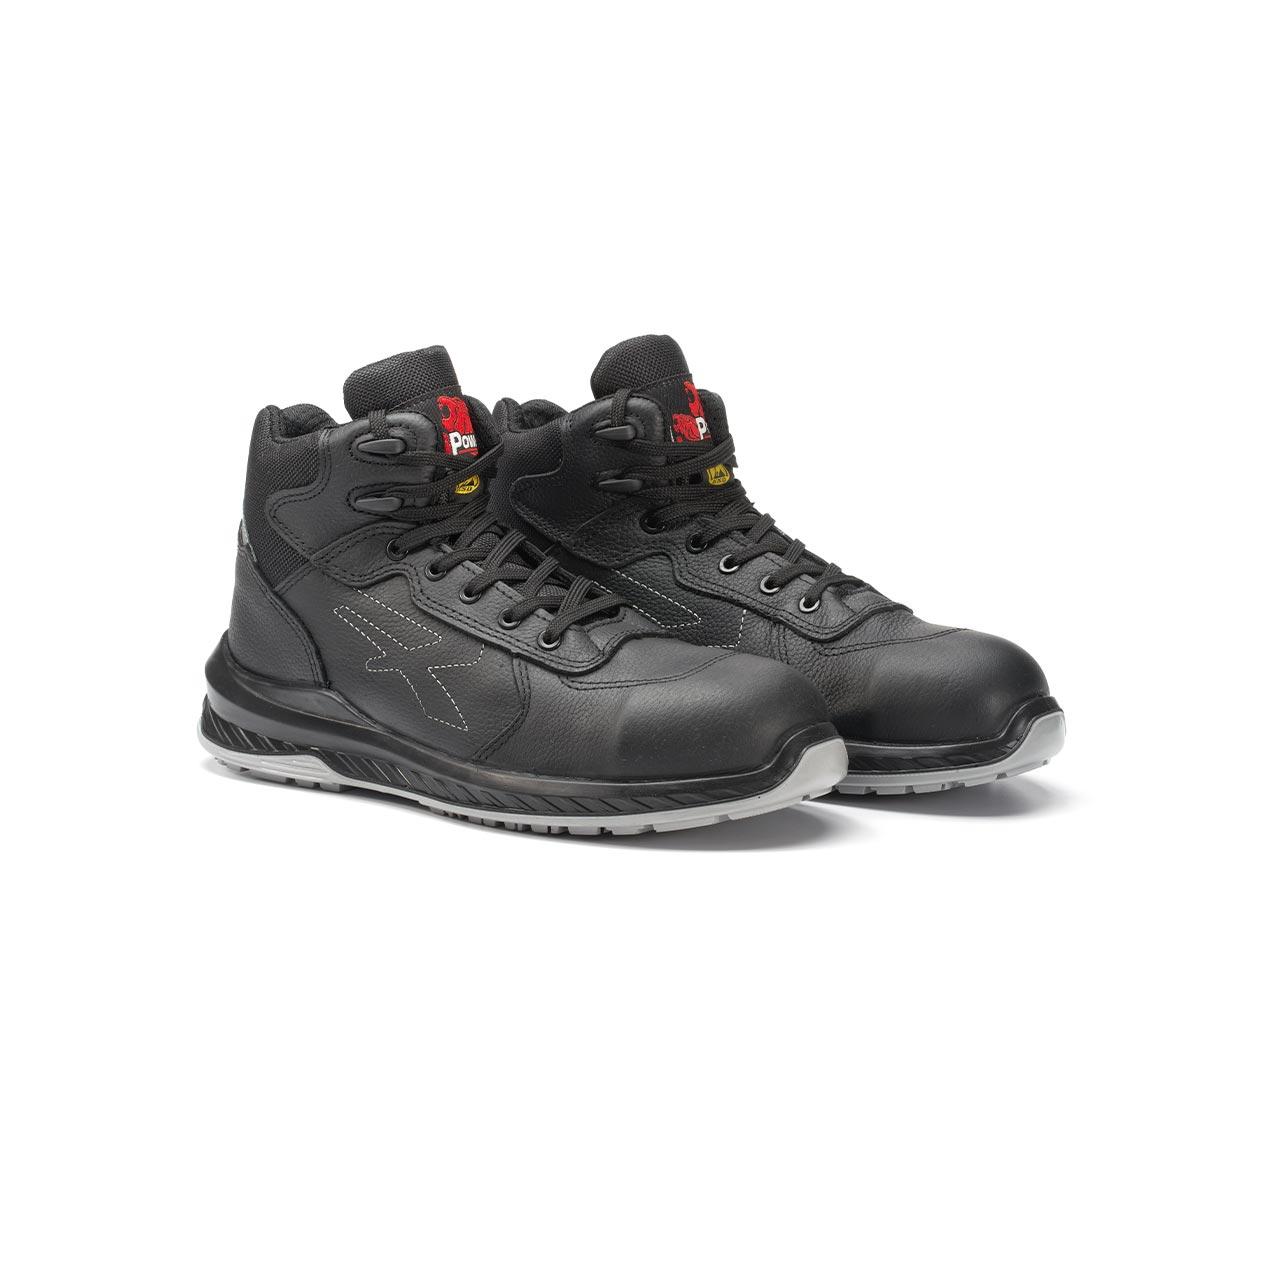 paio di scarpe antinfortunistiche alte upower modello scuro linea redindustry vista prospettica